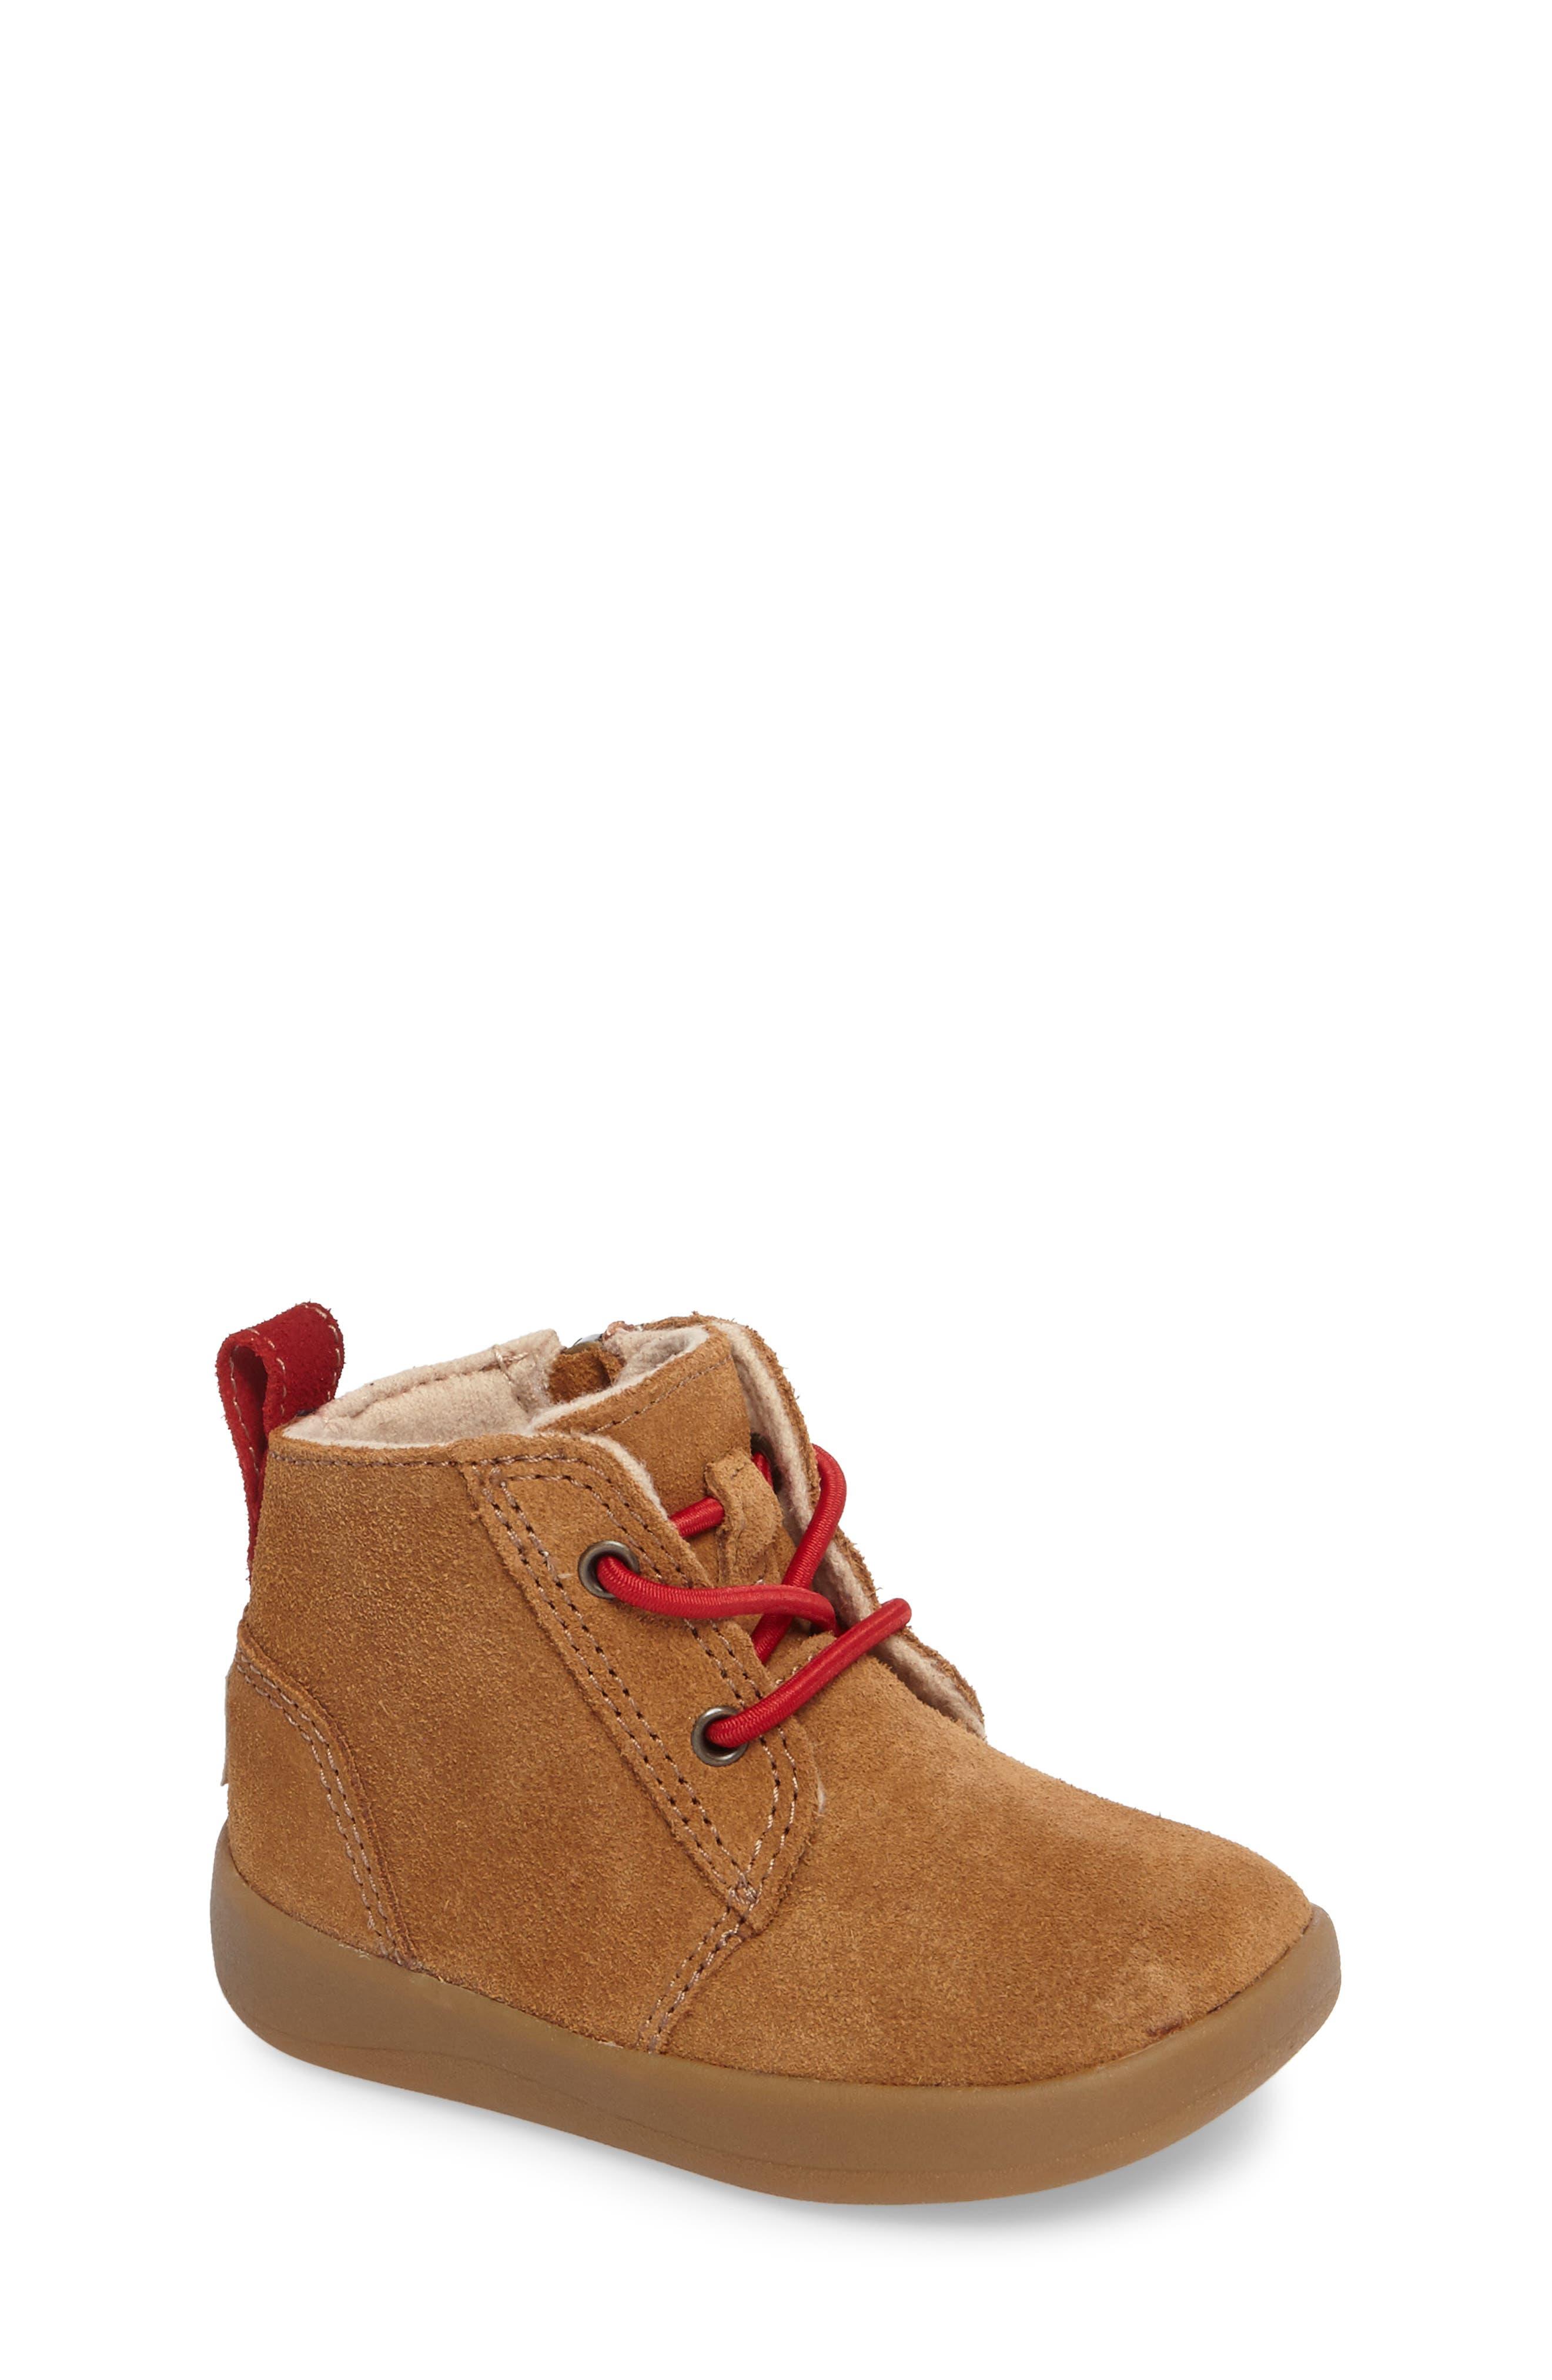 Main Image - UGG® Kristjan Chukka Bootie Sneaker (Baby & Walker)